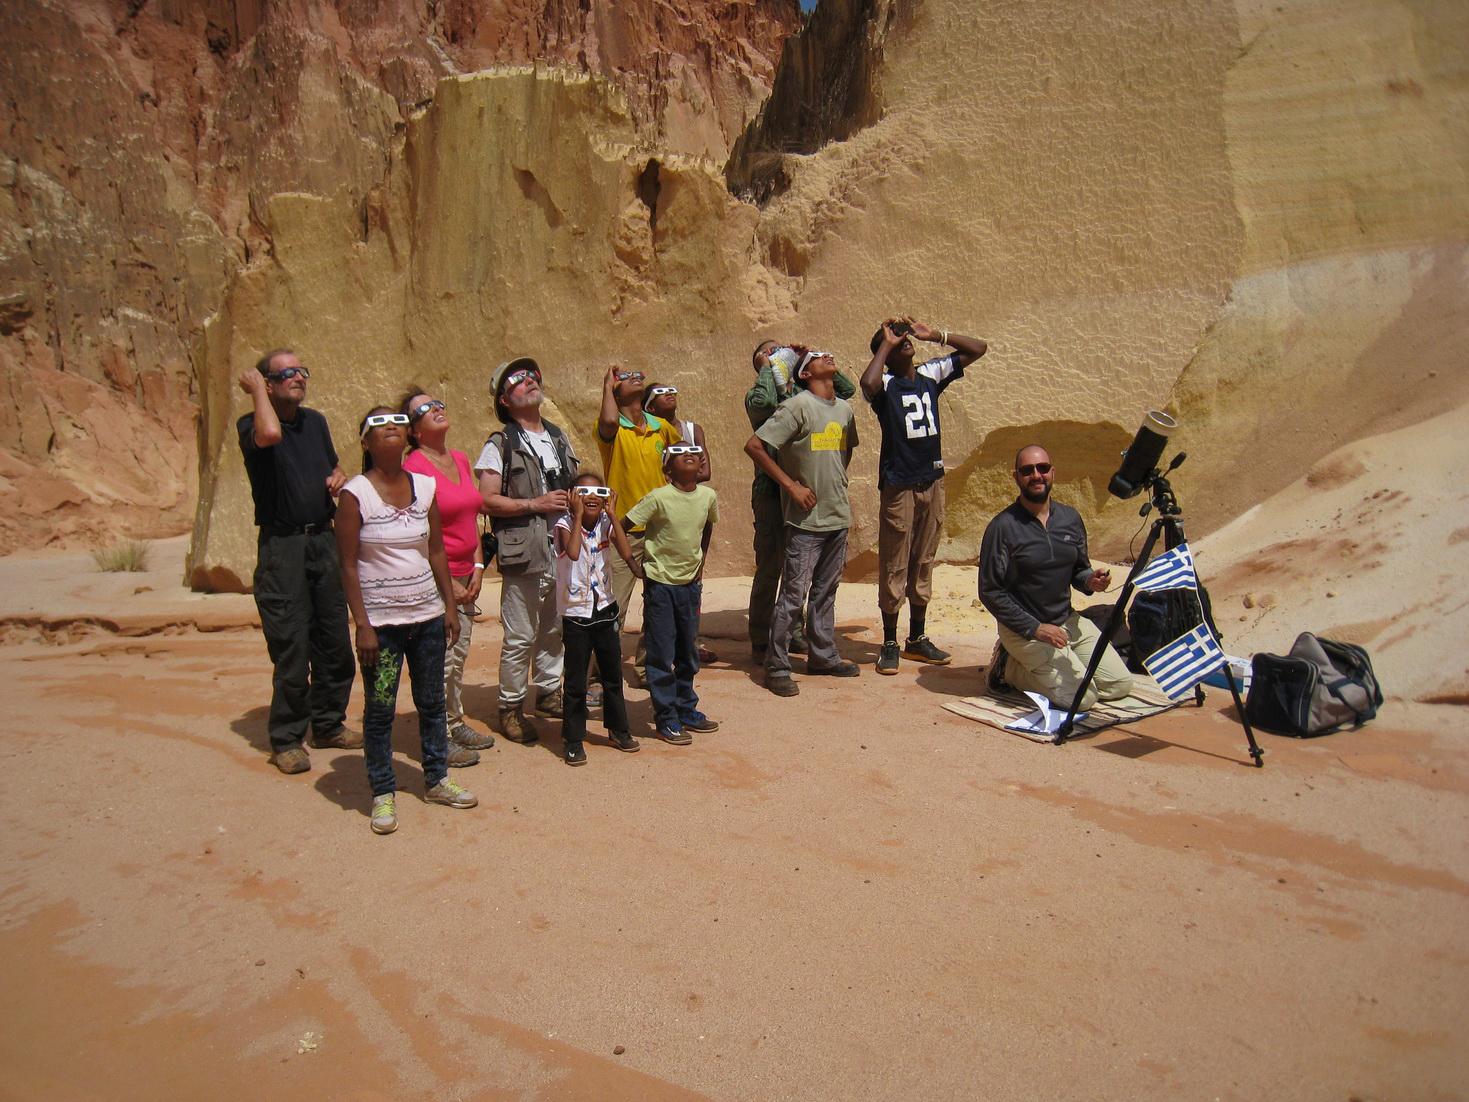 http://users.uoa.gr/~kgaze/images/Kosmas_Gazeas_Madagascar_04r.jpg